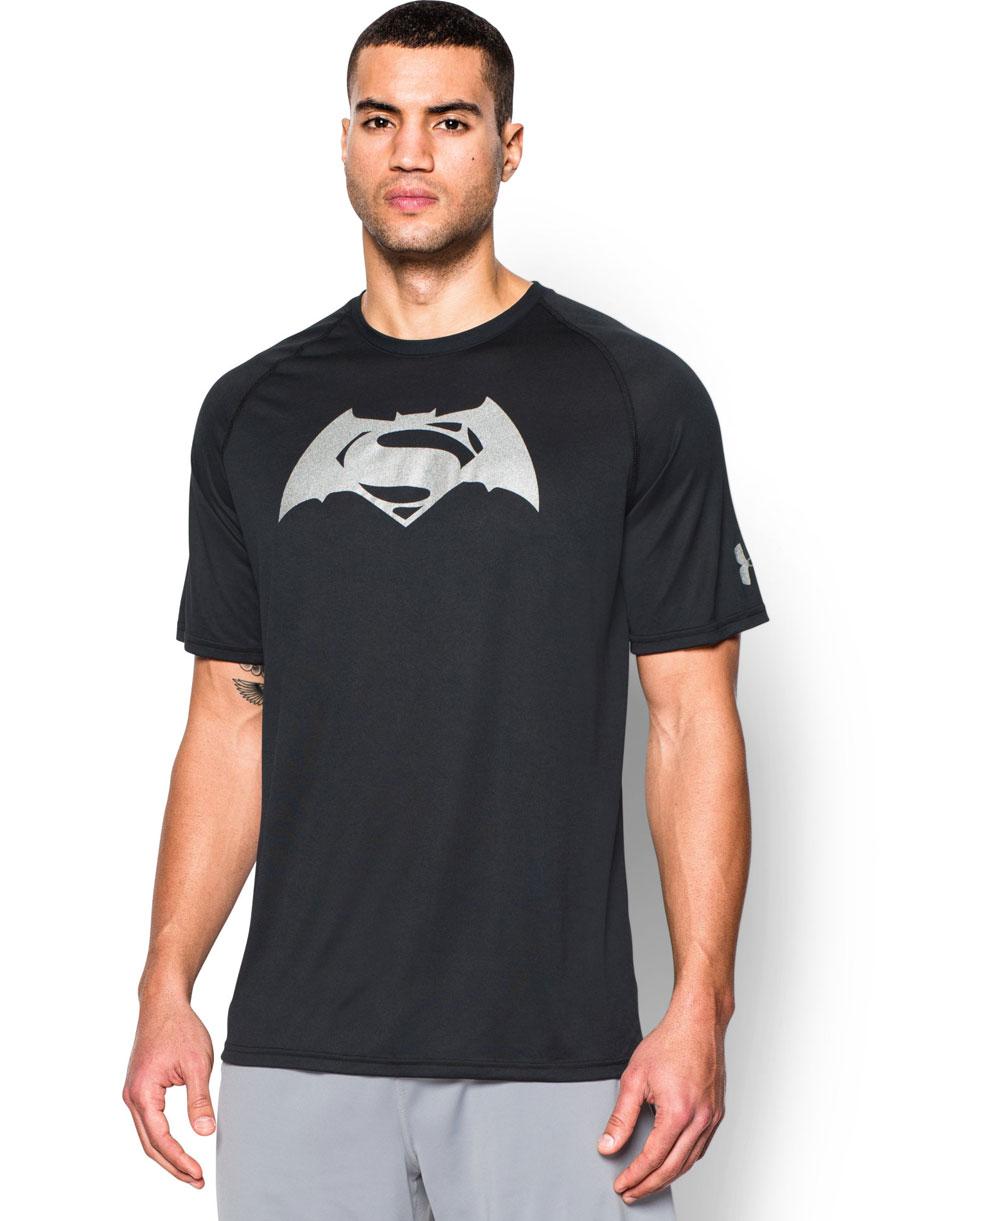 Alter Ego Batman Vs Superman T-Shirt à Manches Courtes Homme Black